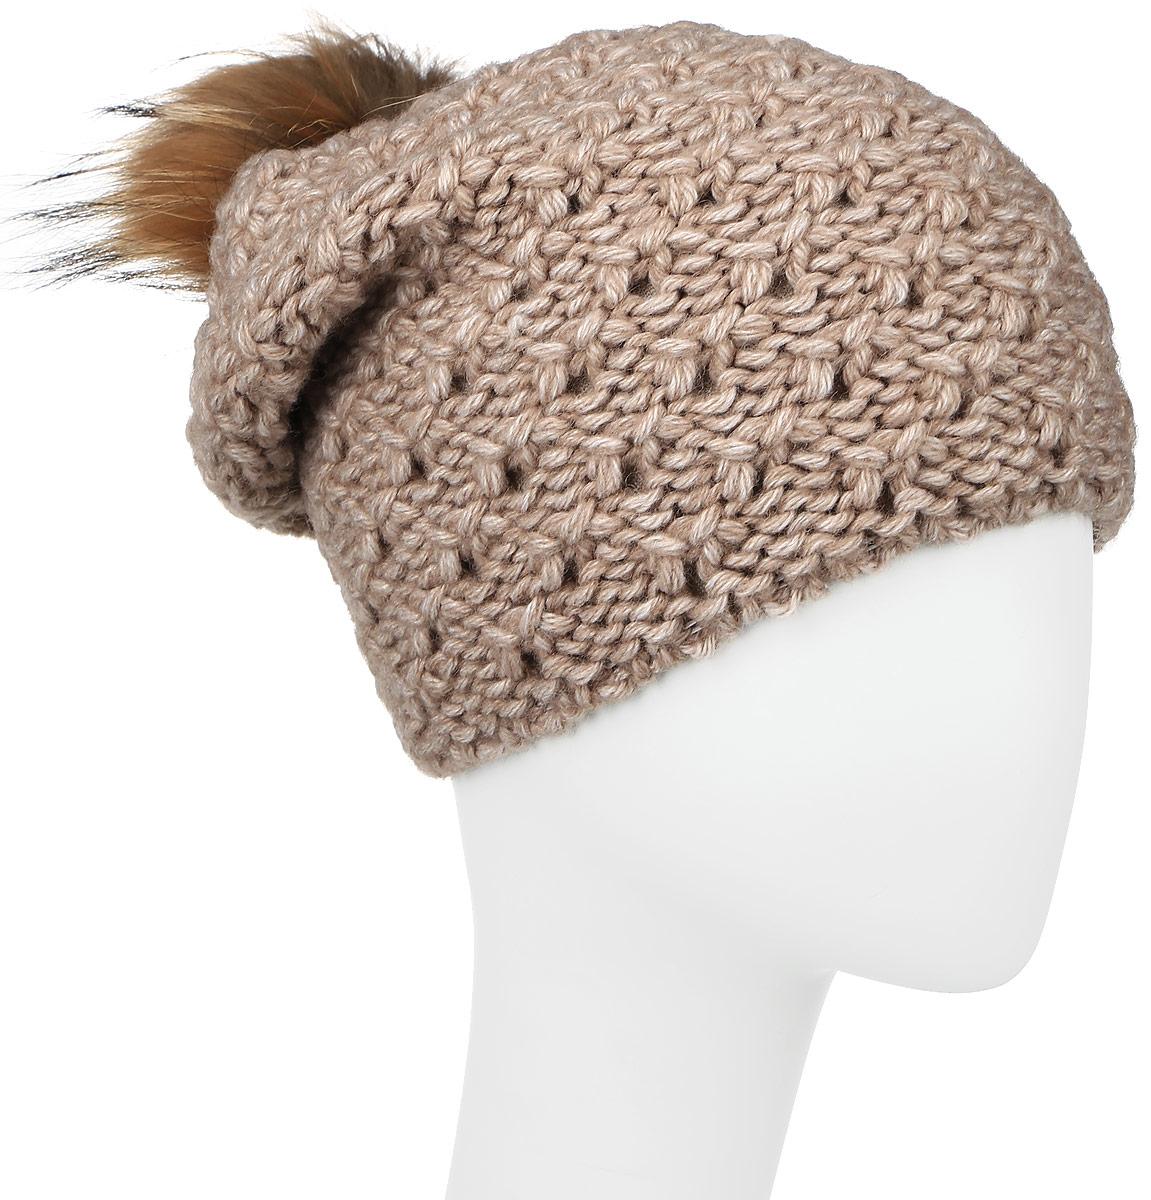 Шапка женская Baon, цвет: светло-коричневый. B346518. Размер универсальныйB346518_BEIGEВязаная женская шапка Baon отлично подойдет для модниц в холодное время года. Изготовленная из шерсти и акрила, она мягкая и приятная на ощупь, обладает хорошими дышащими свойствами и максимально удерживает тепло. Шапочка плотно облегает голову, что обеспечивает надежную защиту от ветра и мороза.Модель шапки оформлена крупным вязаным узором и на макушке дополнена меховым помпоном. Такая шапка не только теплый головной убор, но и стильный аксессуар.